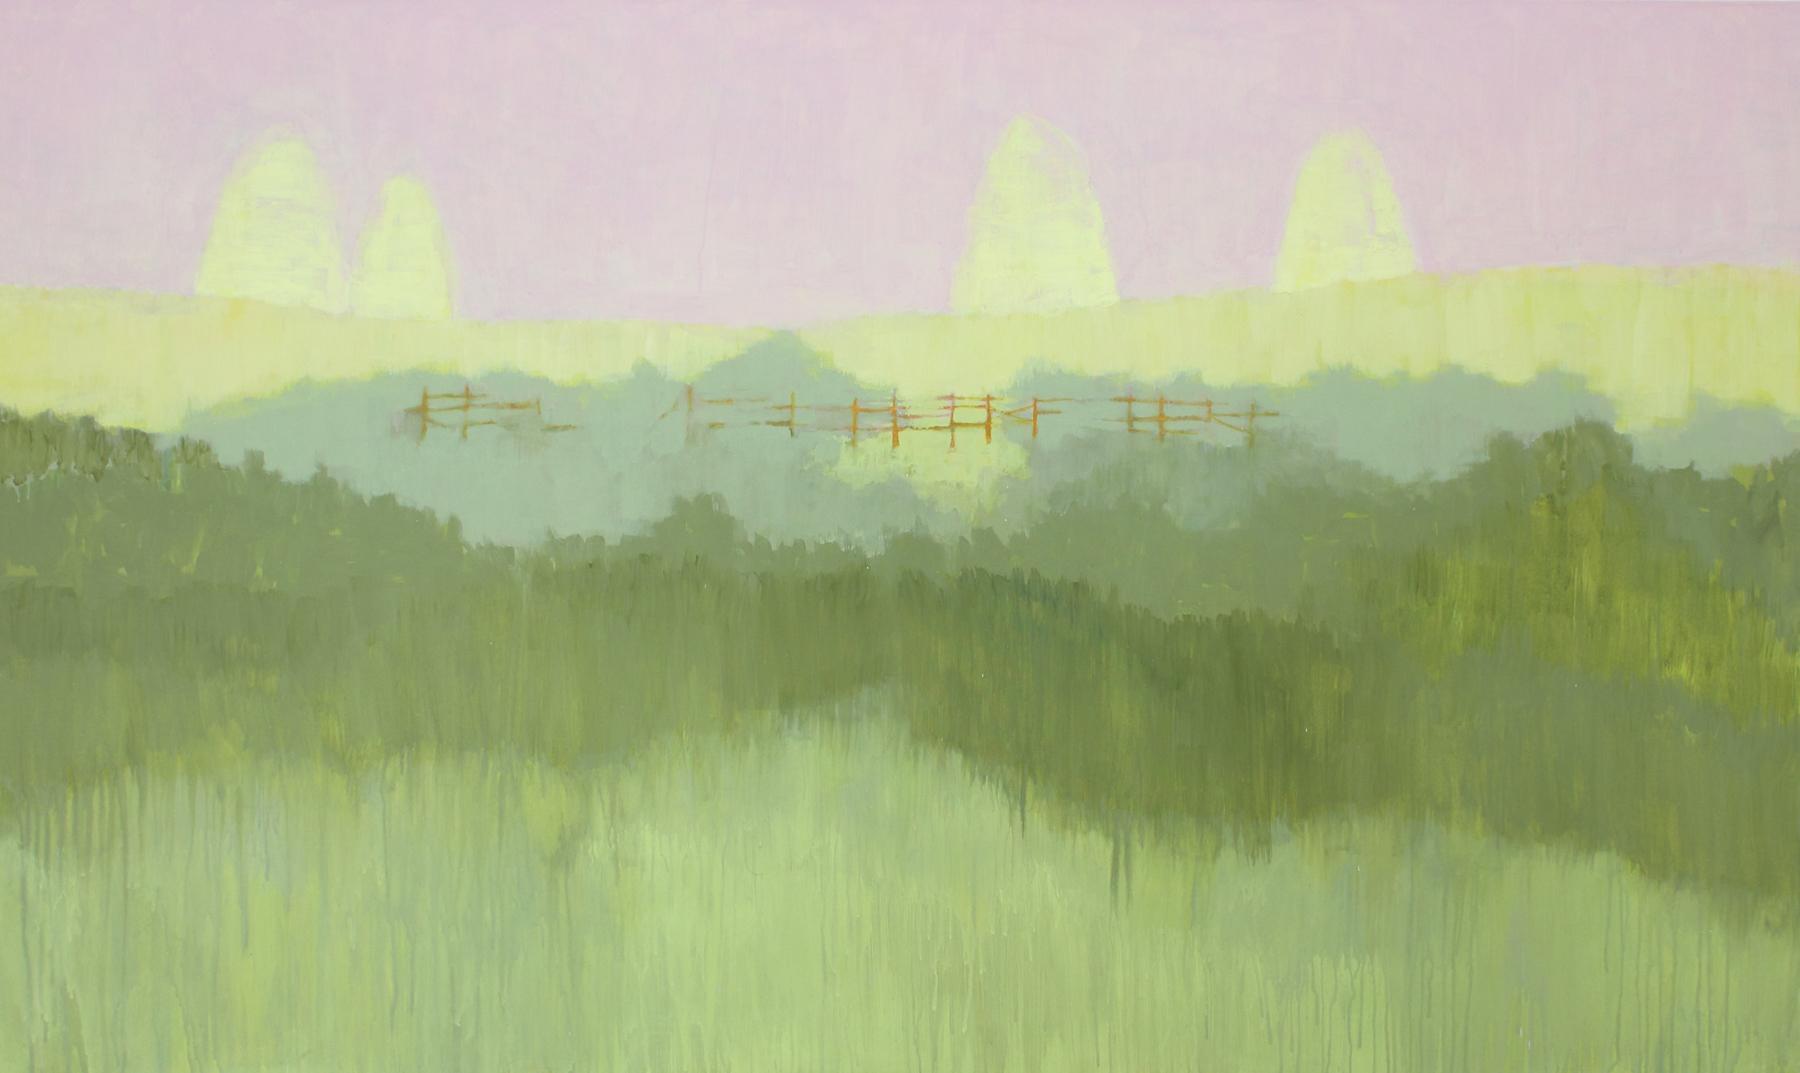 Felipe Goes, Pintura 186, Acrilica e guache sobre tela, 100 x 170 cm, 2013.